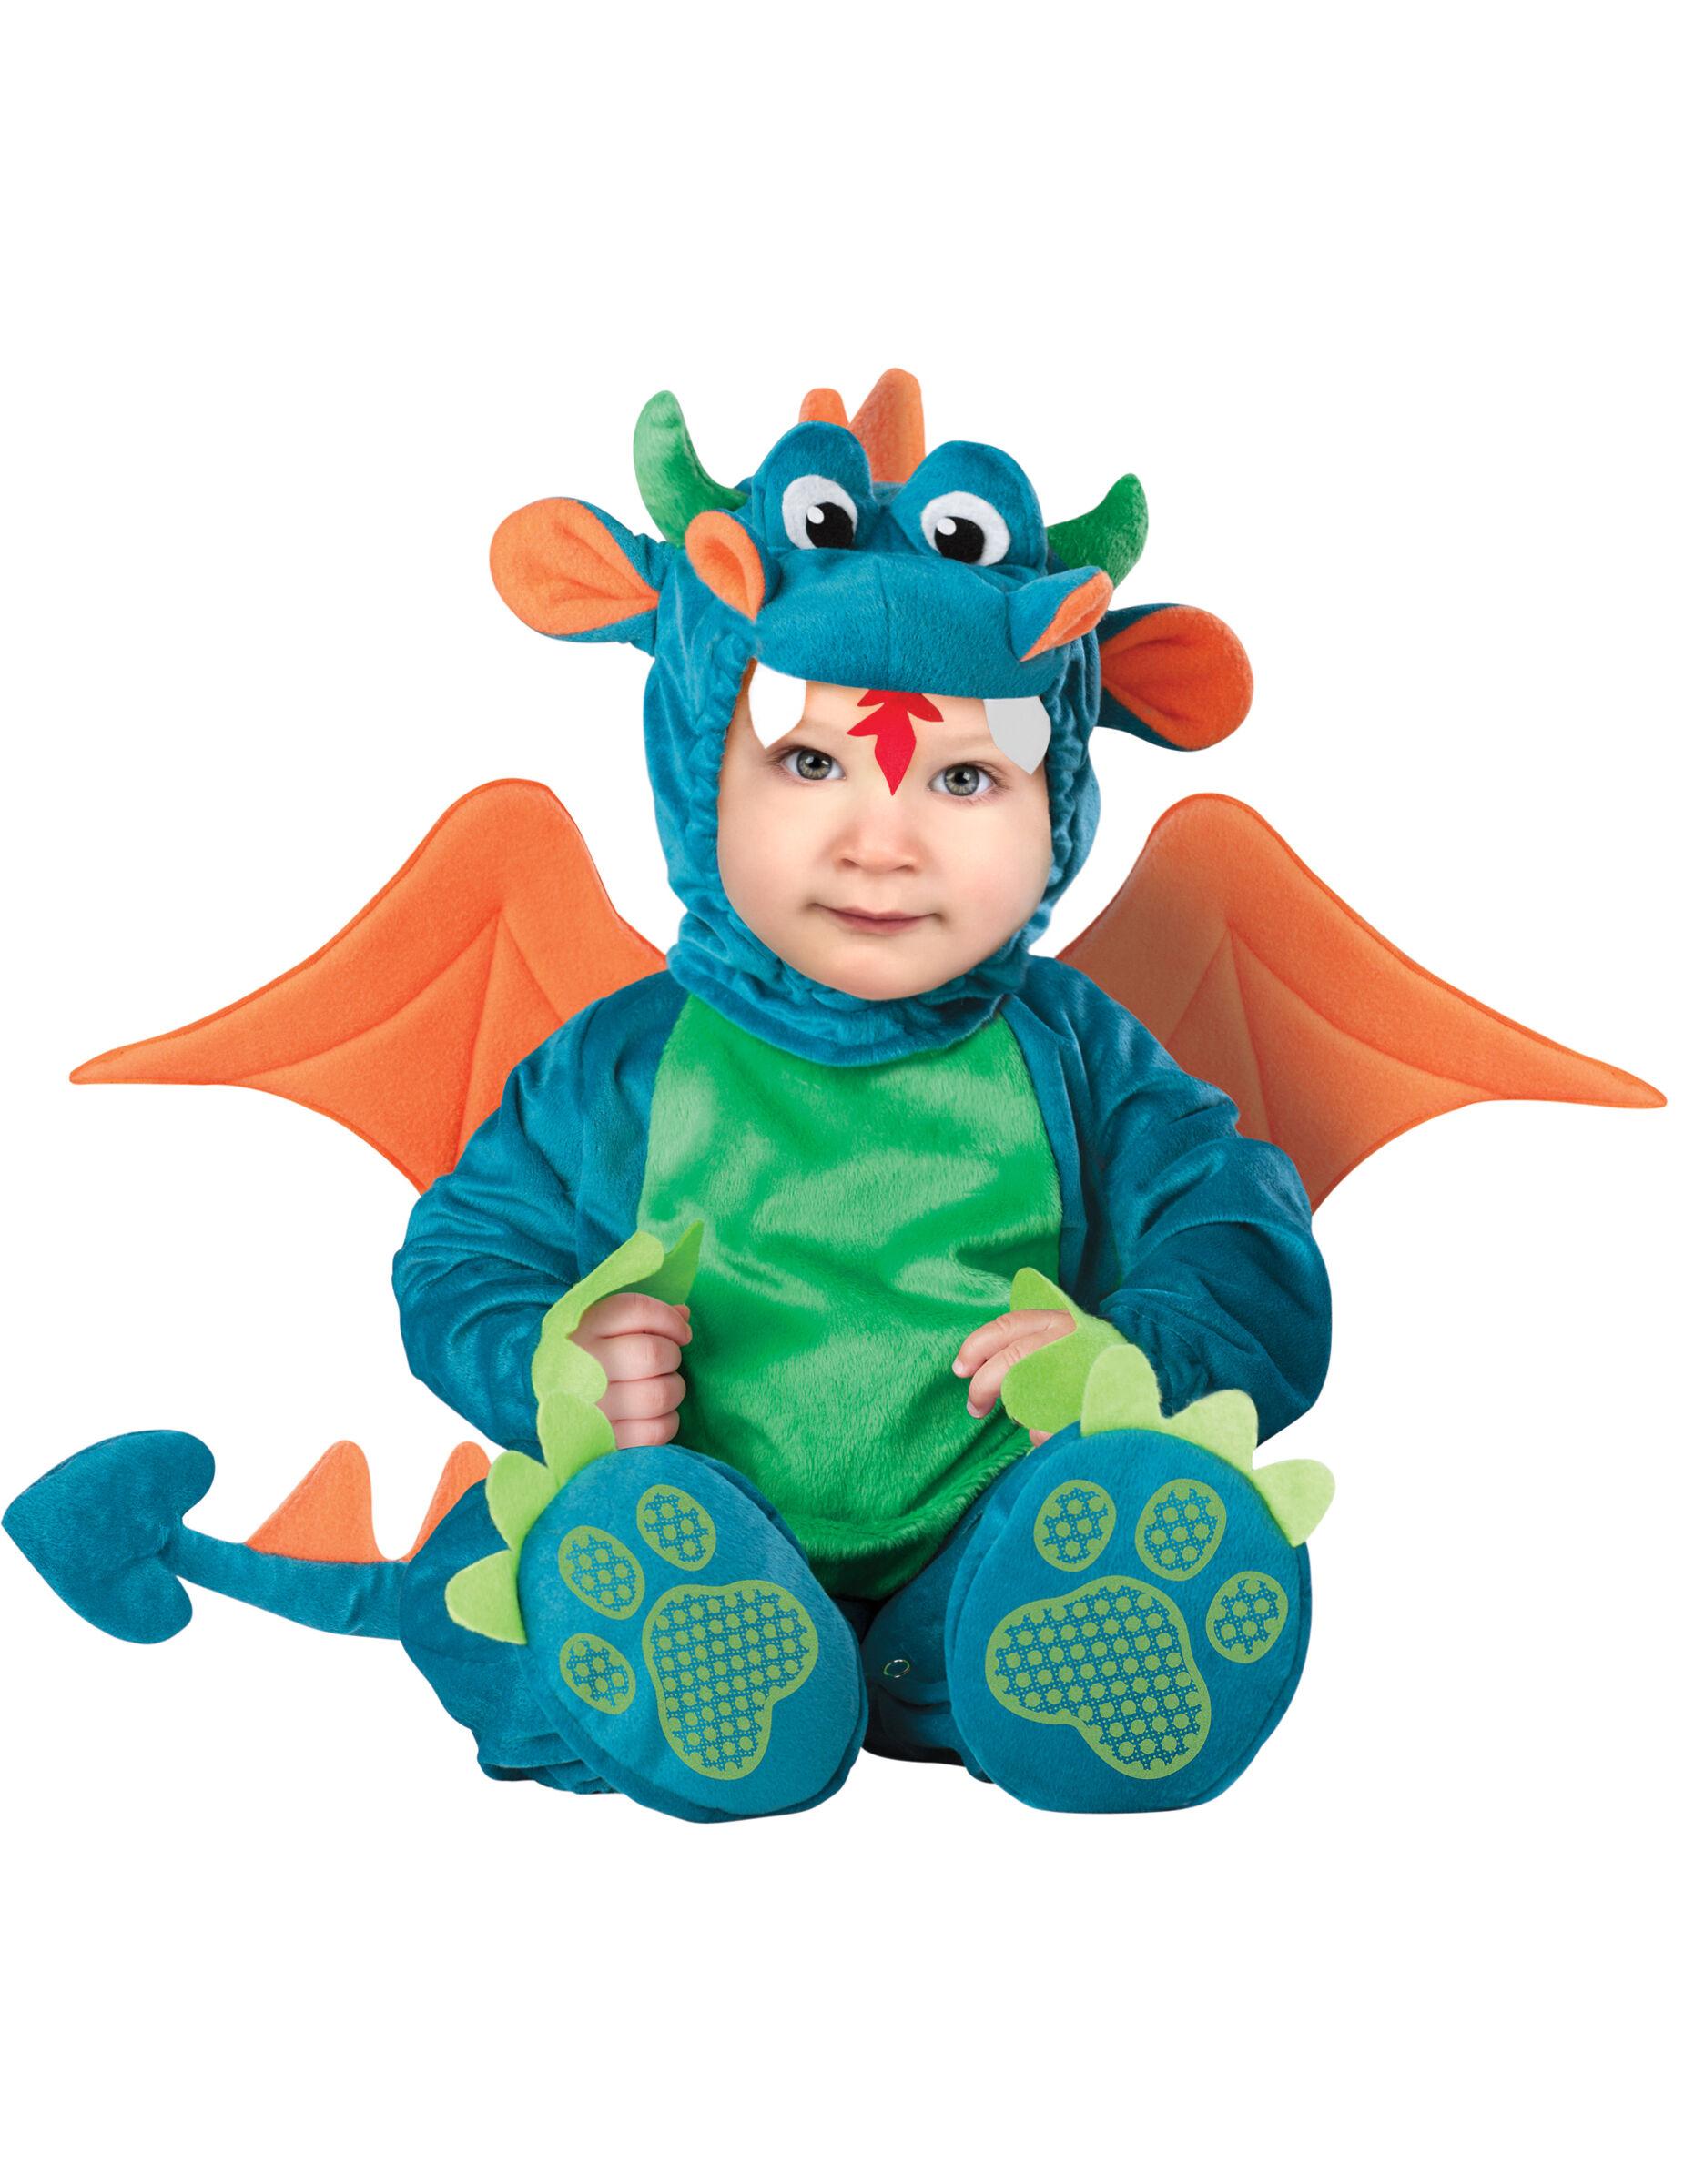 Deguisetoi Déguisement Dragon pour bébé - Luxe - Taille: 18-24 mois (84-89 cm)